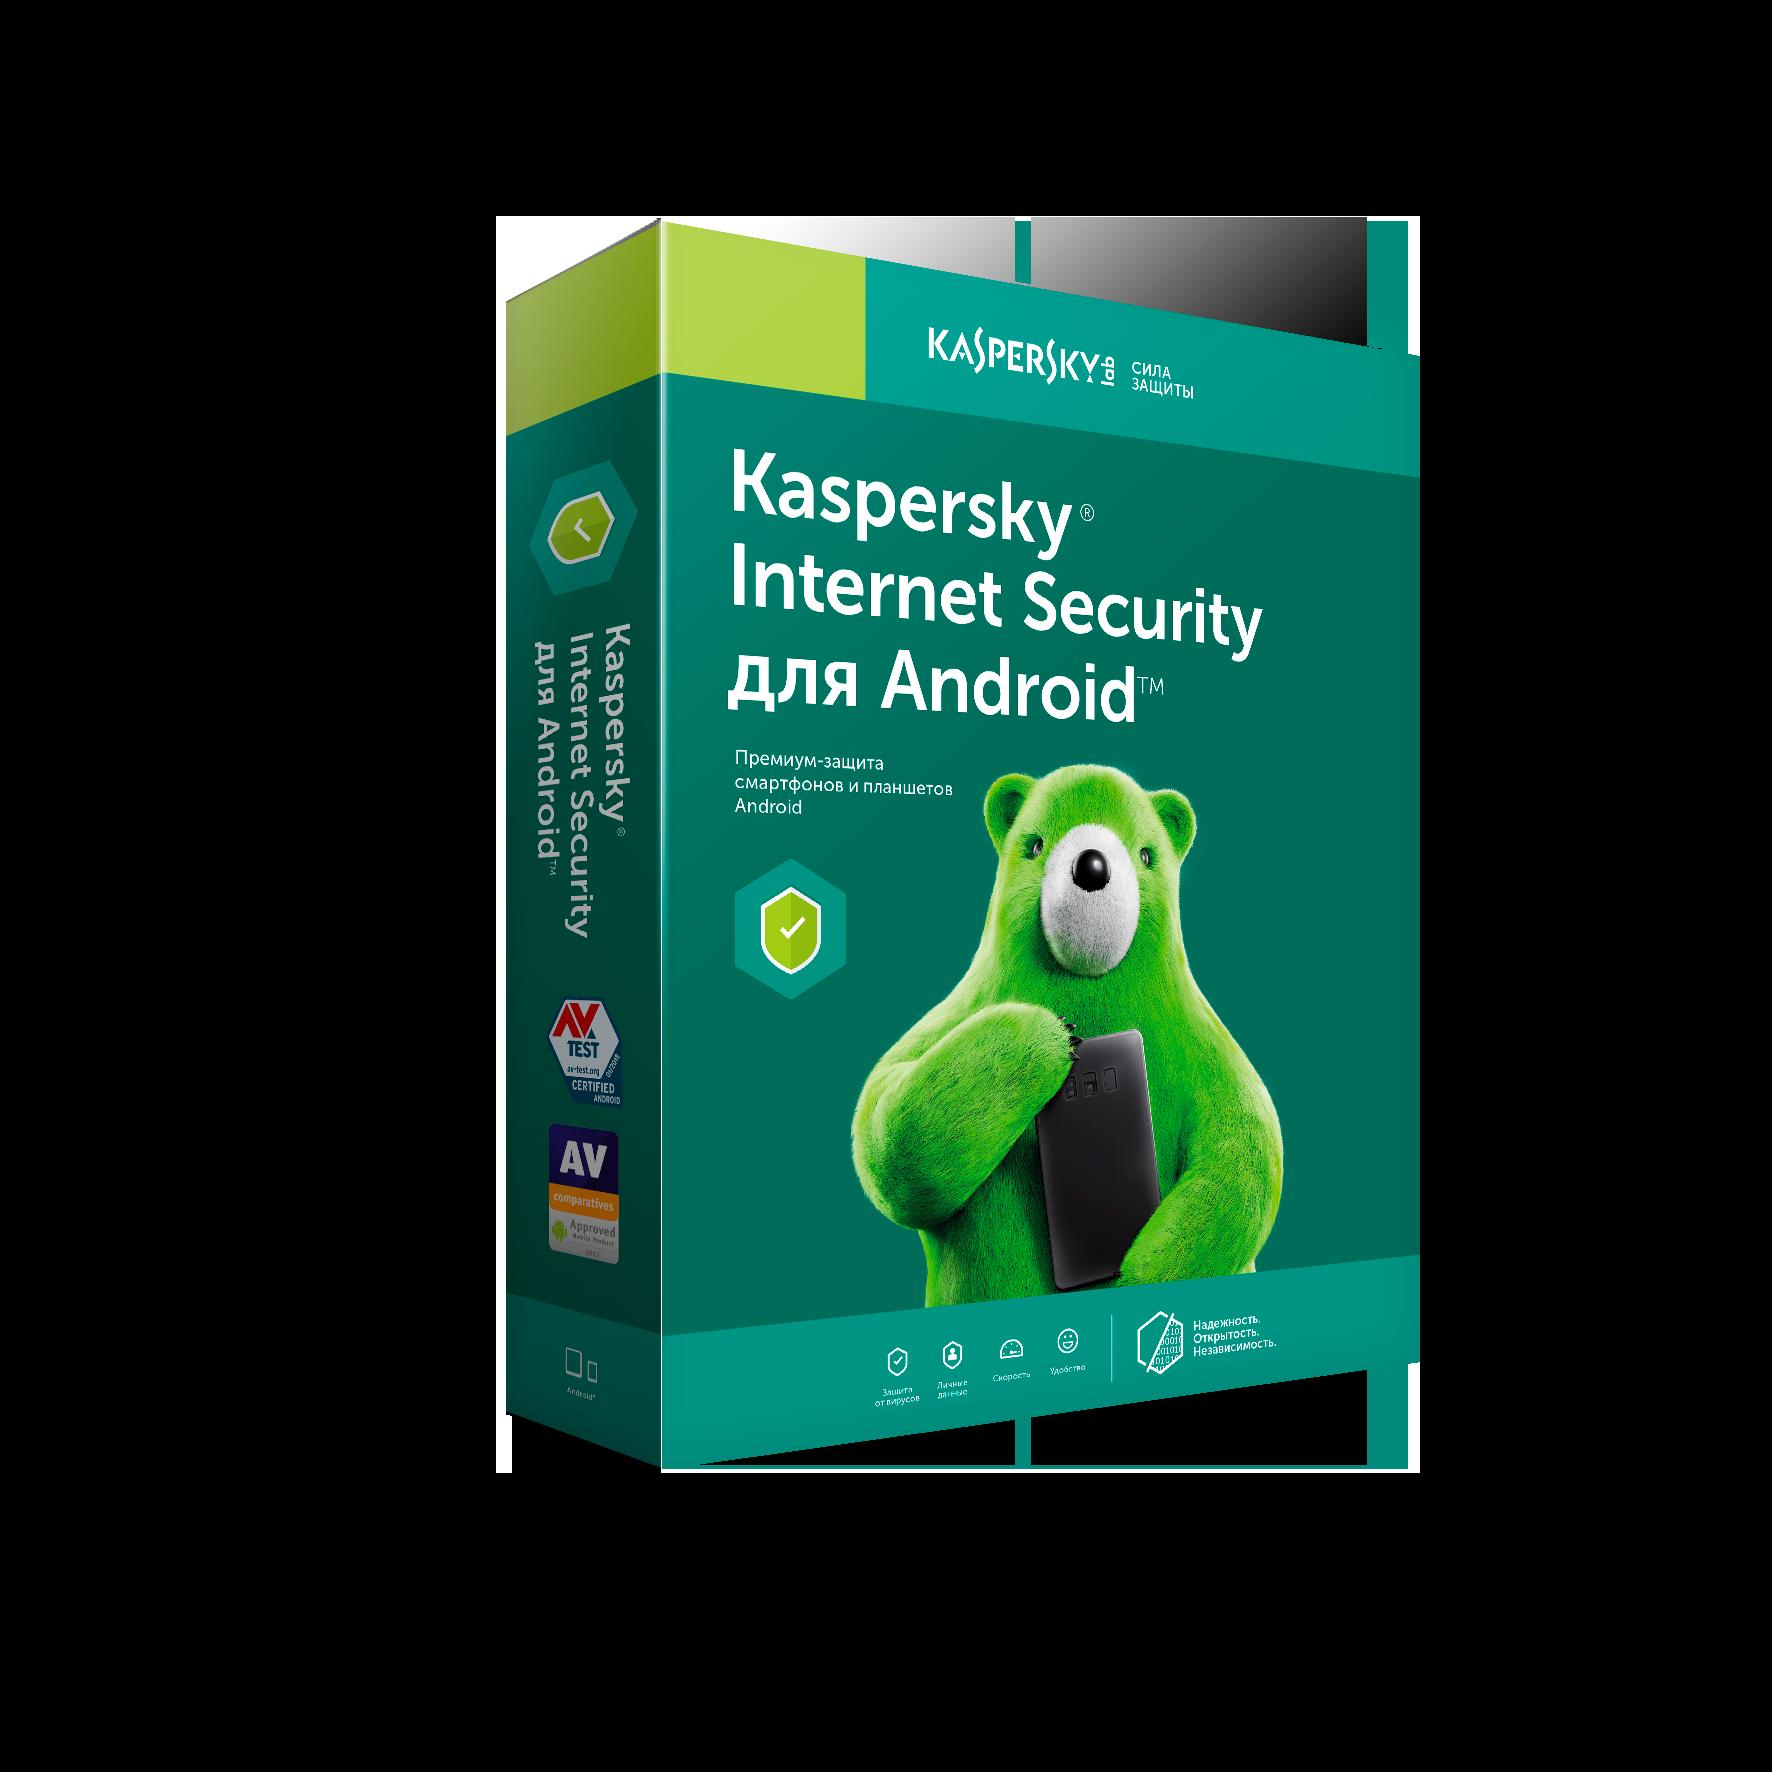 Купить Kaspersky Internet Security для Android на 1 год